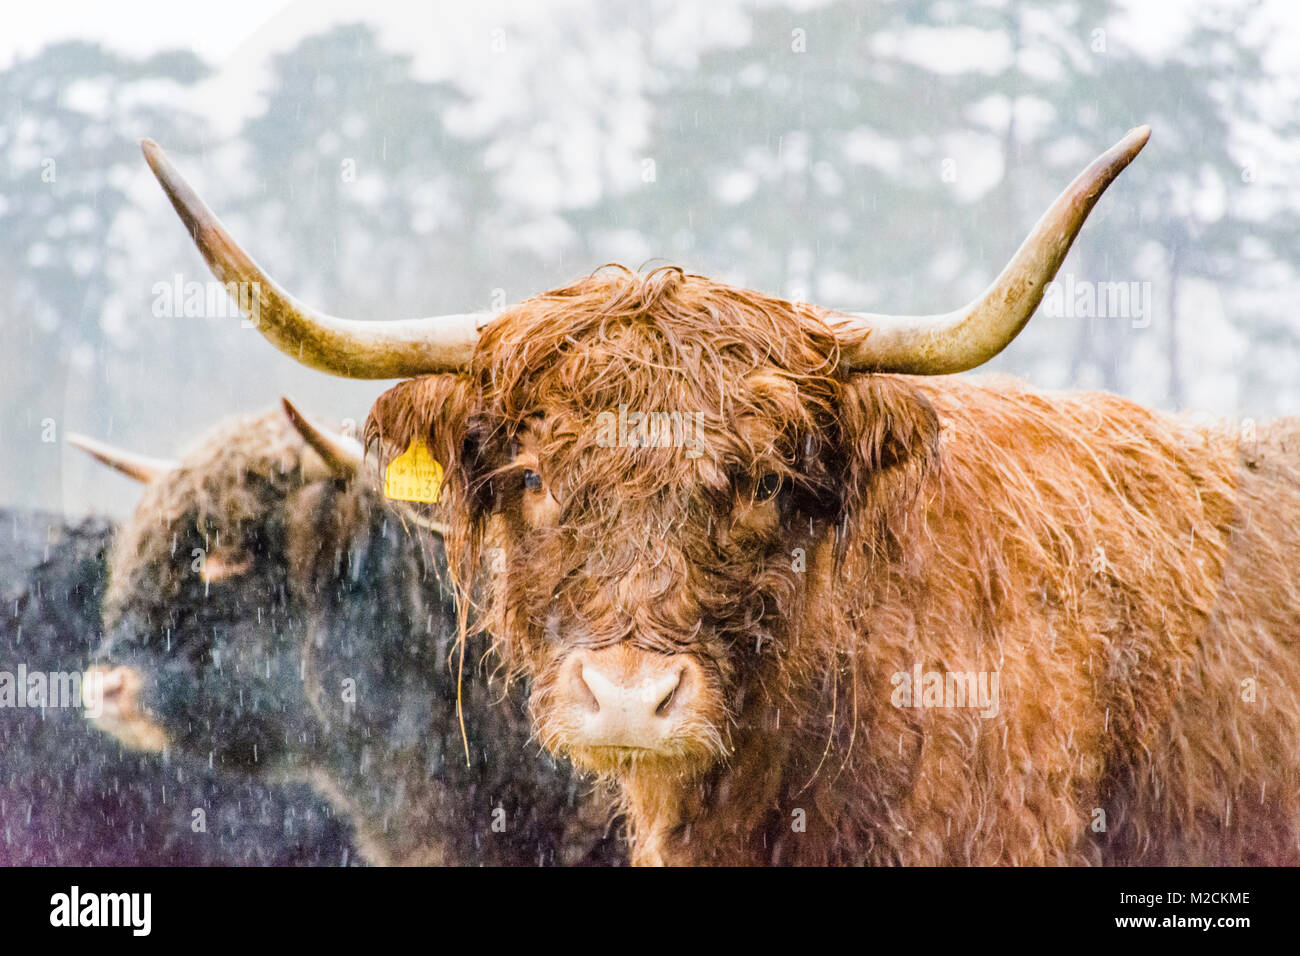 Un altopiano di mucca durante il periodo invernale Foto Stock